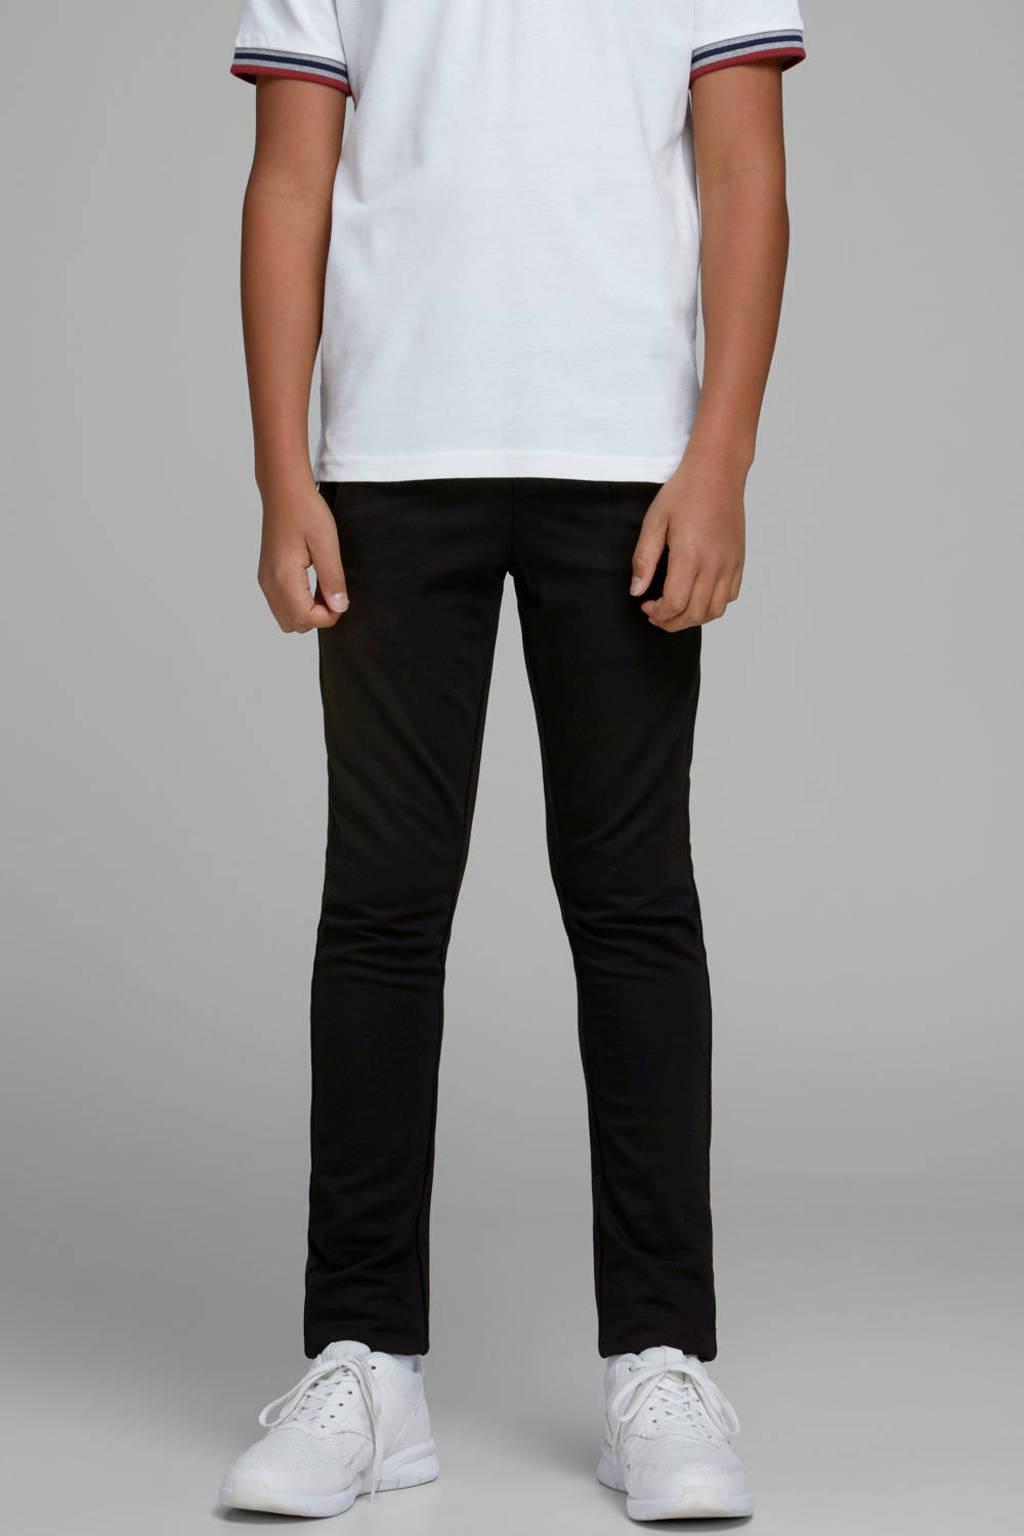 JACK & JONES JUNIOR broek zwart, Zwart